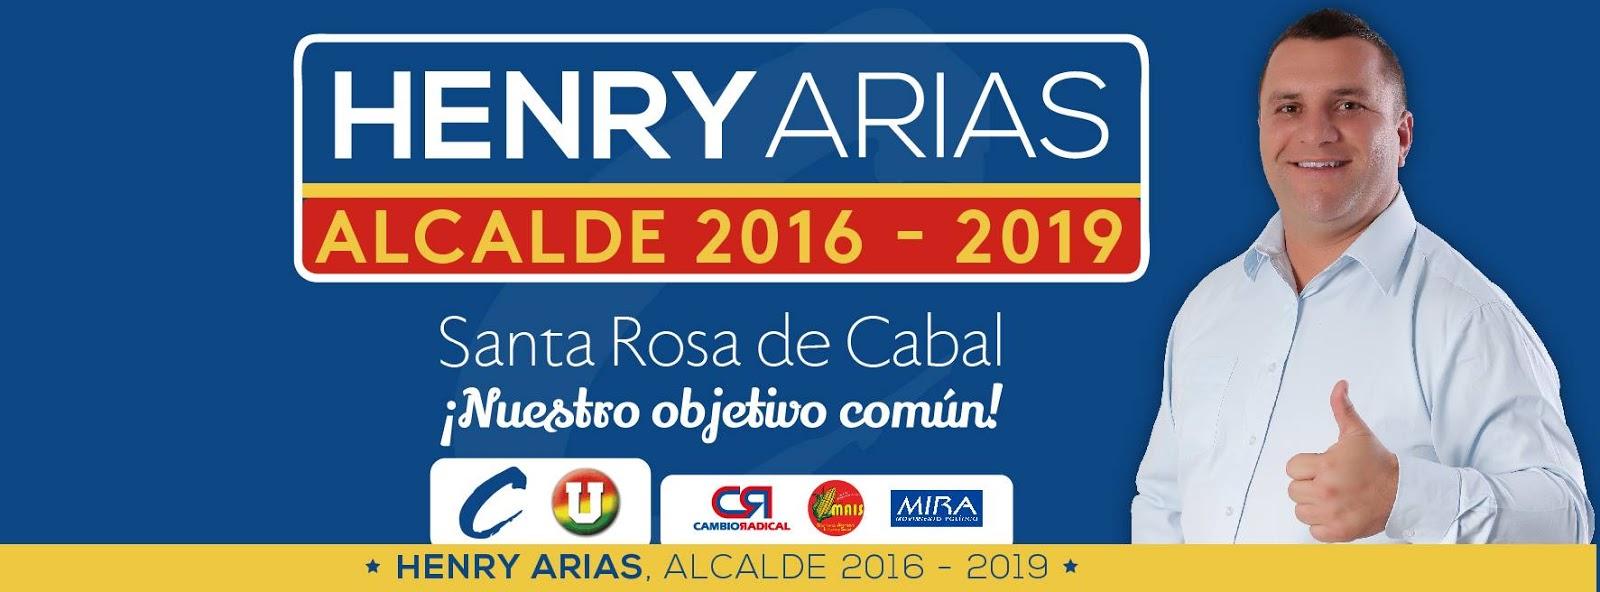 Resultado de imagen para henry arias mejia, alcalde de santa rosa de cabal